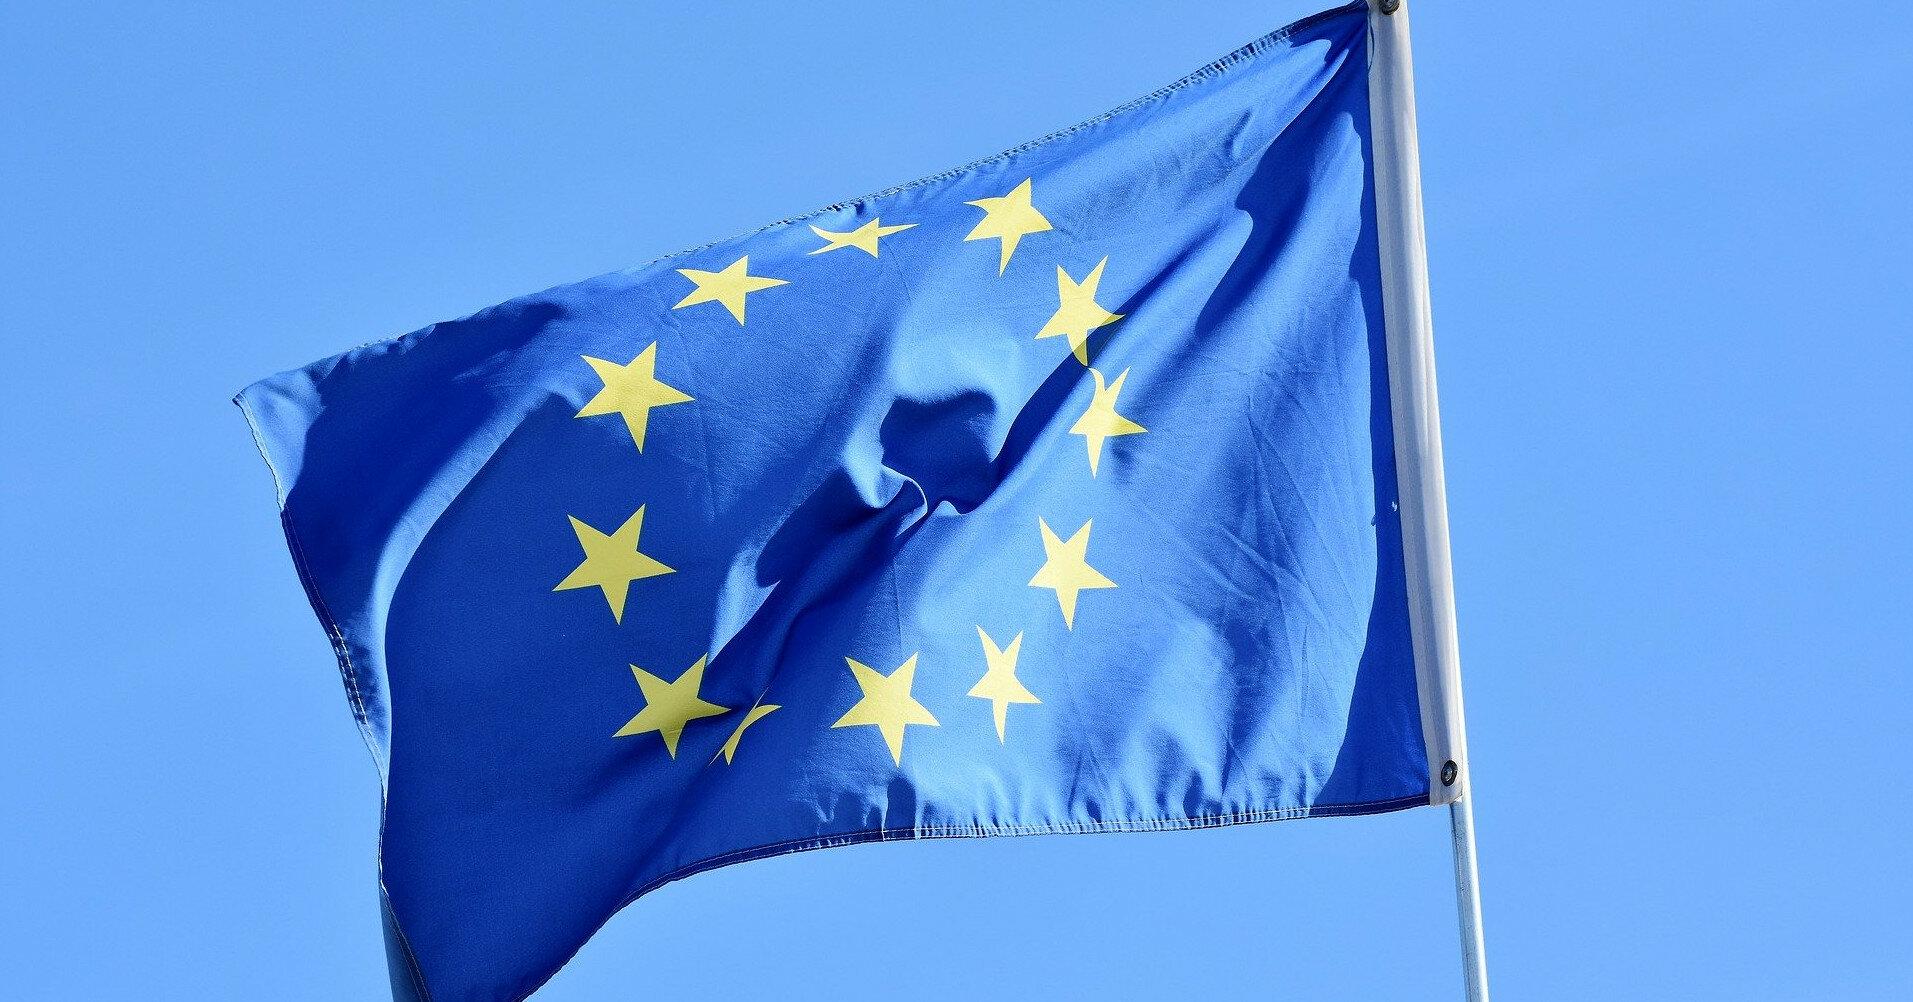 Граждане третьих стран смогут получить COVID-сертификат ЕС